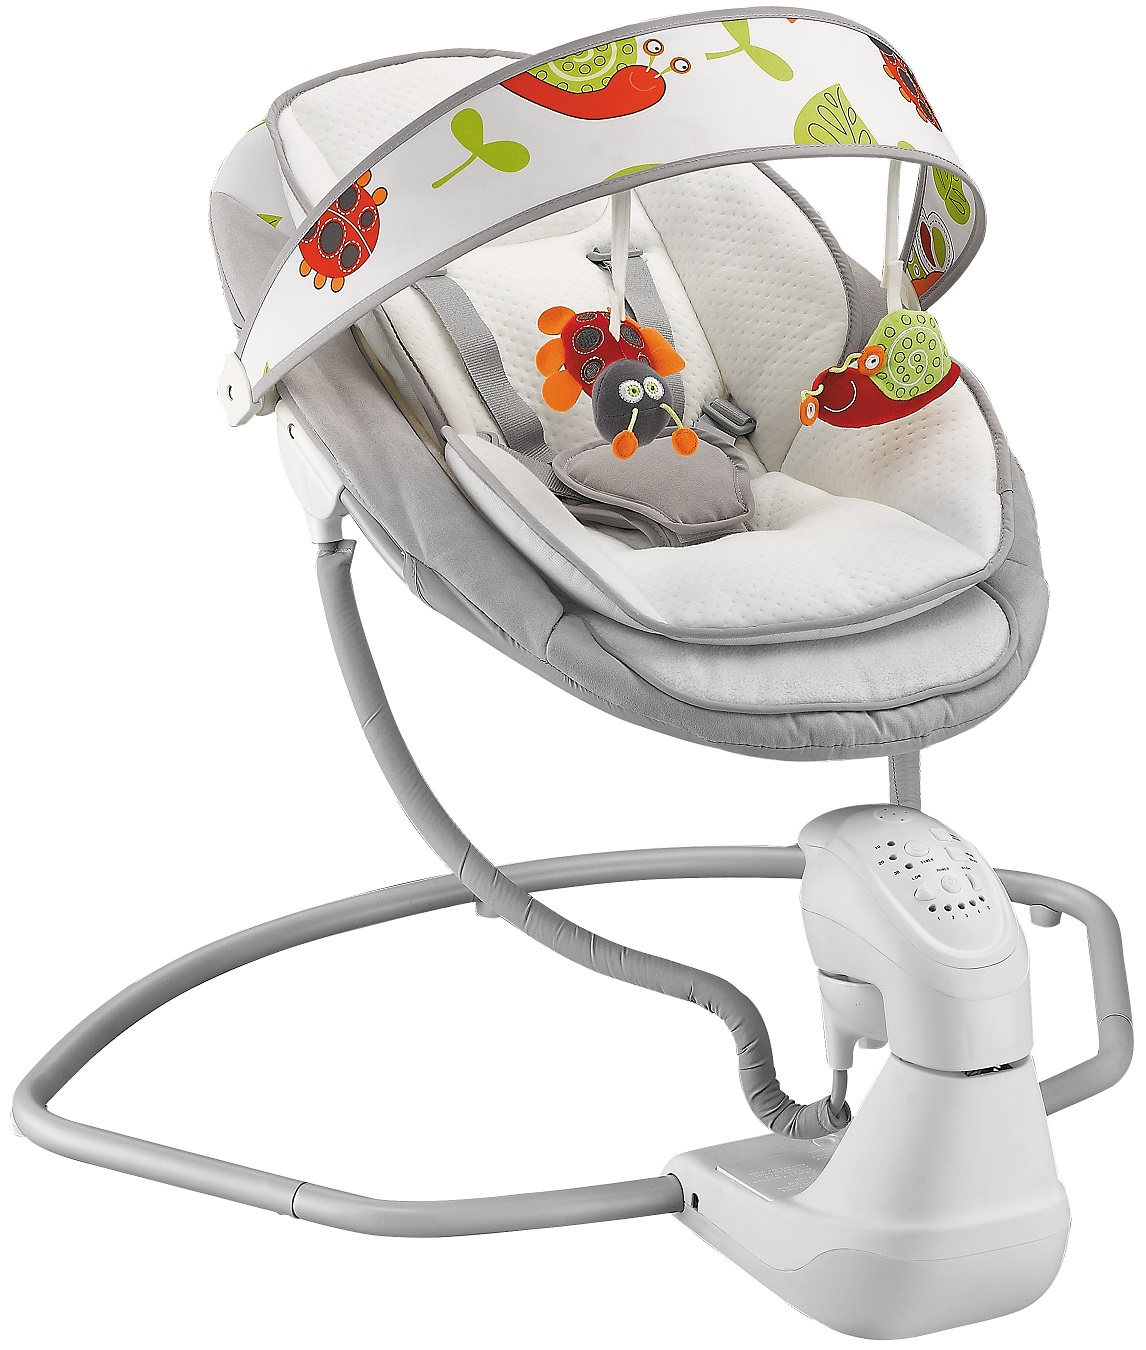 Все за и против электрокачелей для новорождённых — обзор лучших моделей с отзывами врачей и родителей